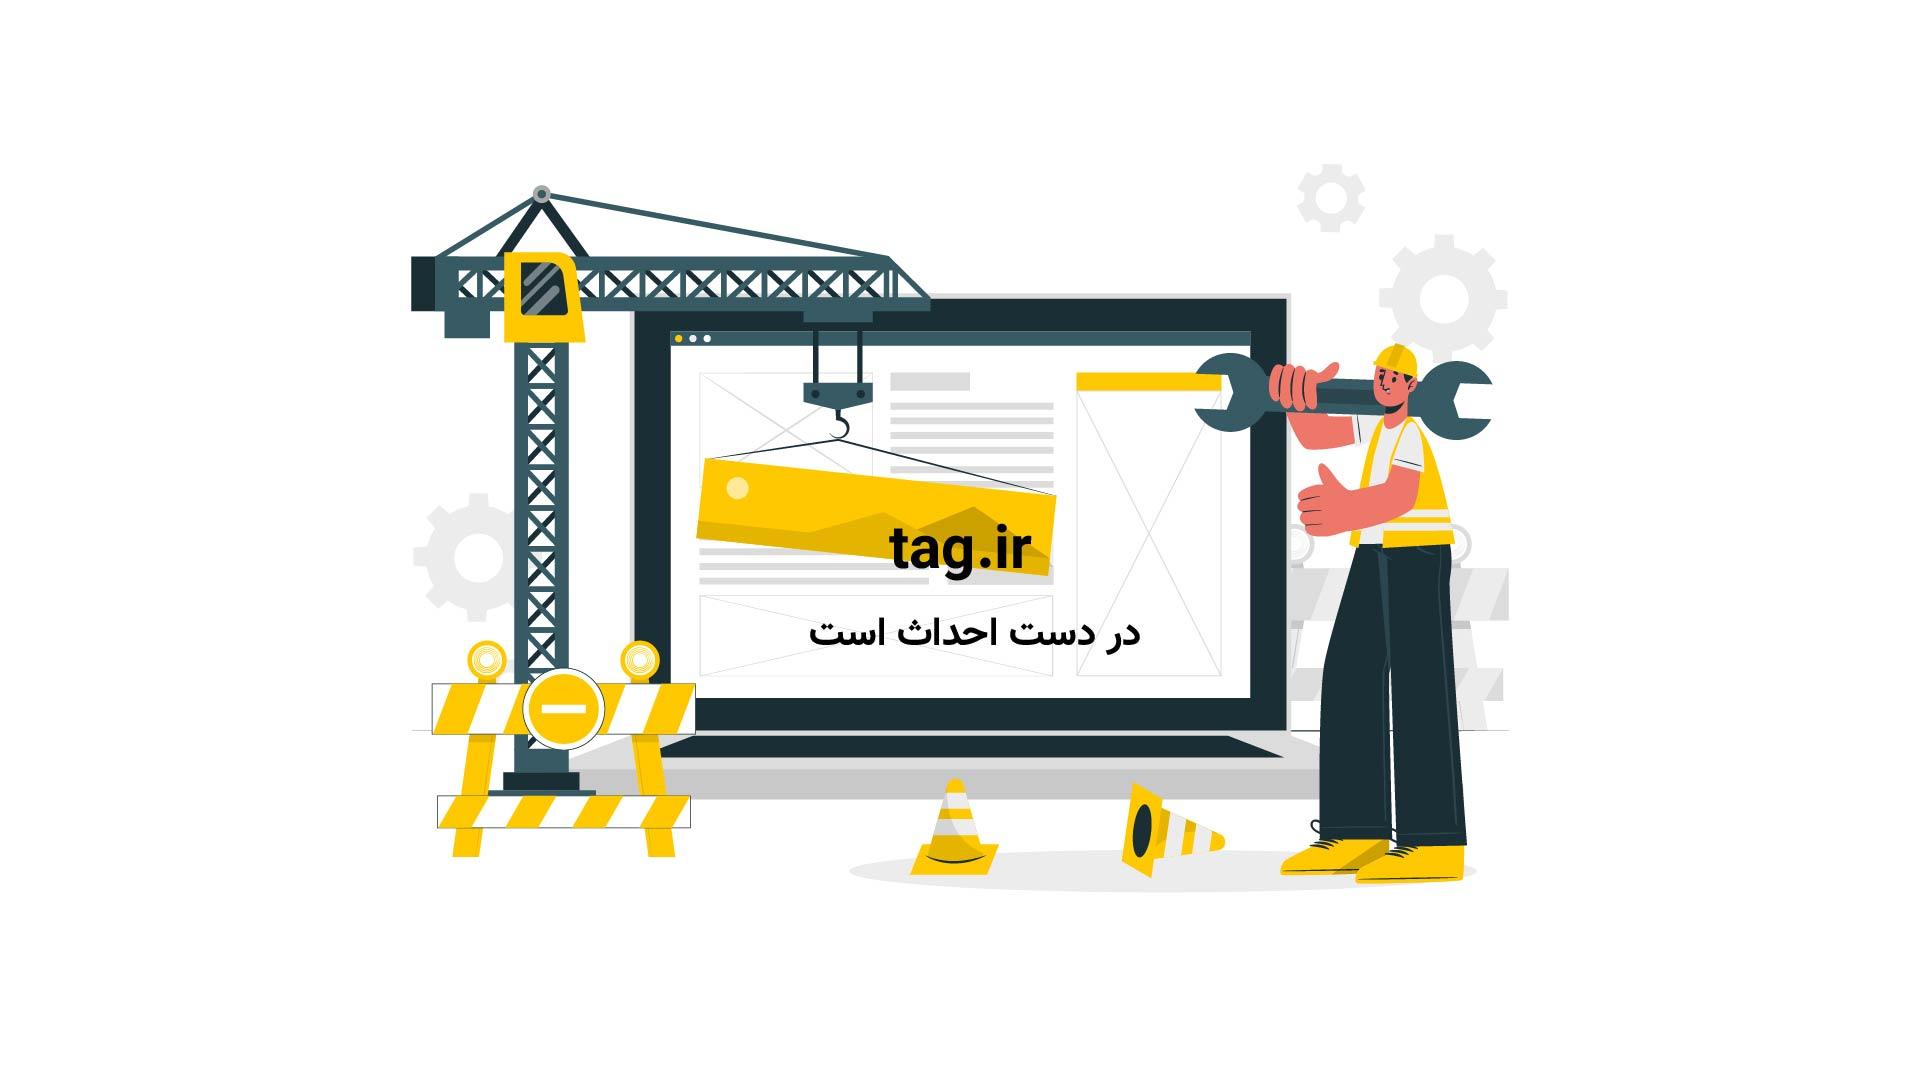 کوهستانی بین ما | تگ